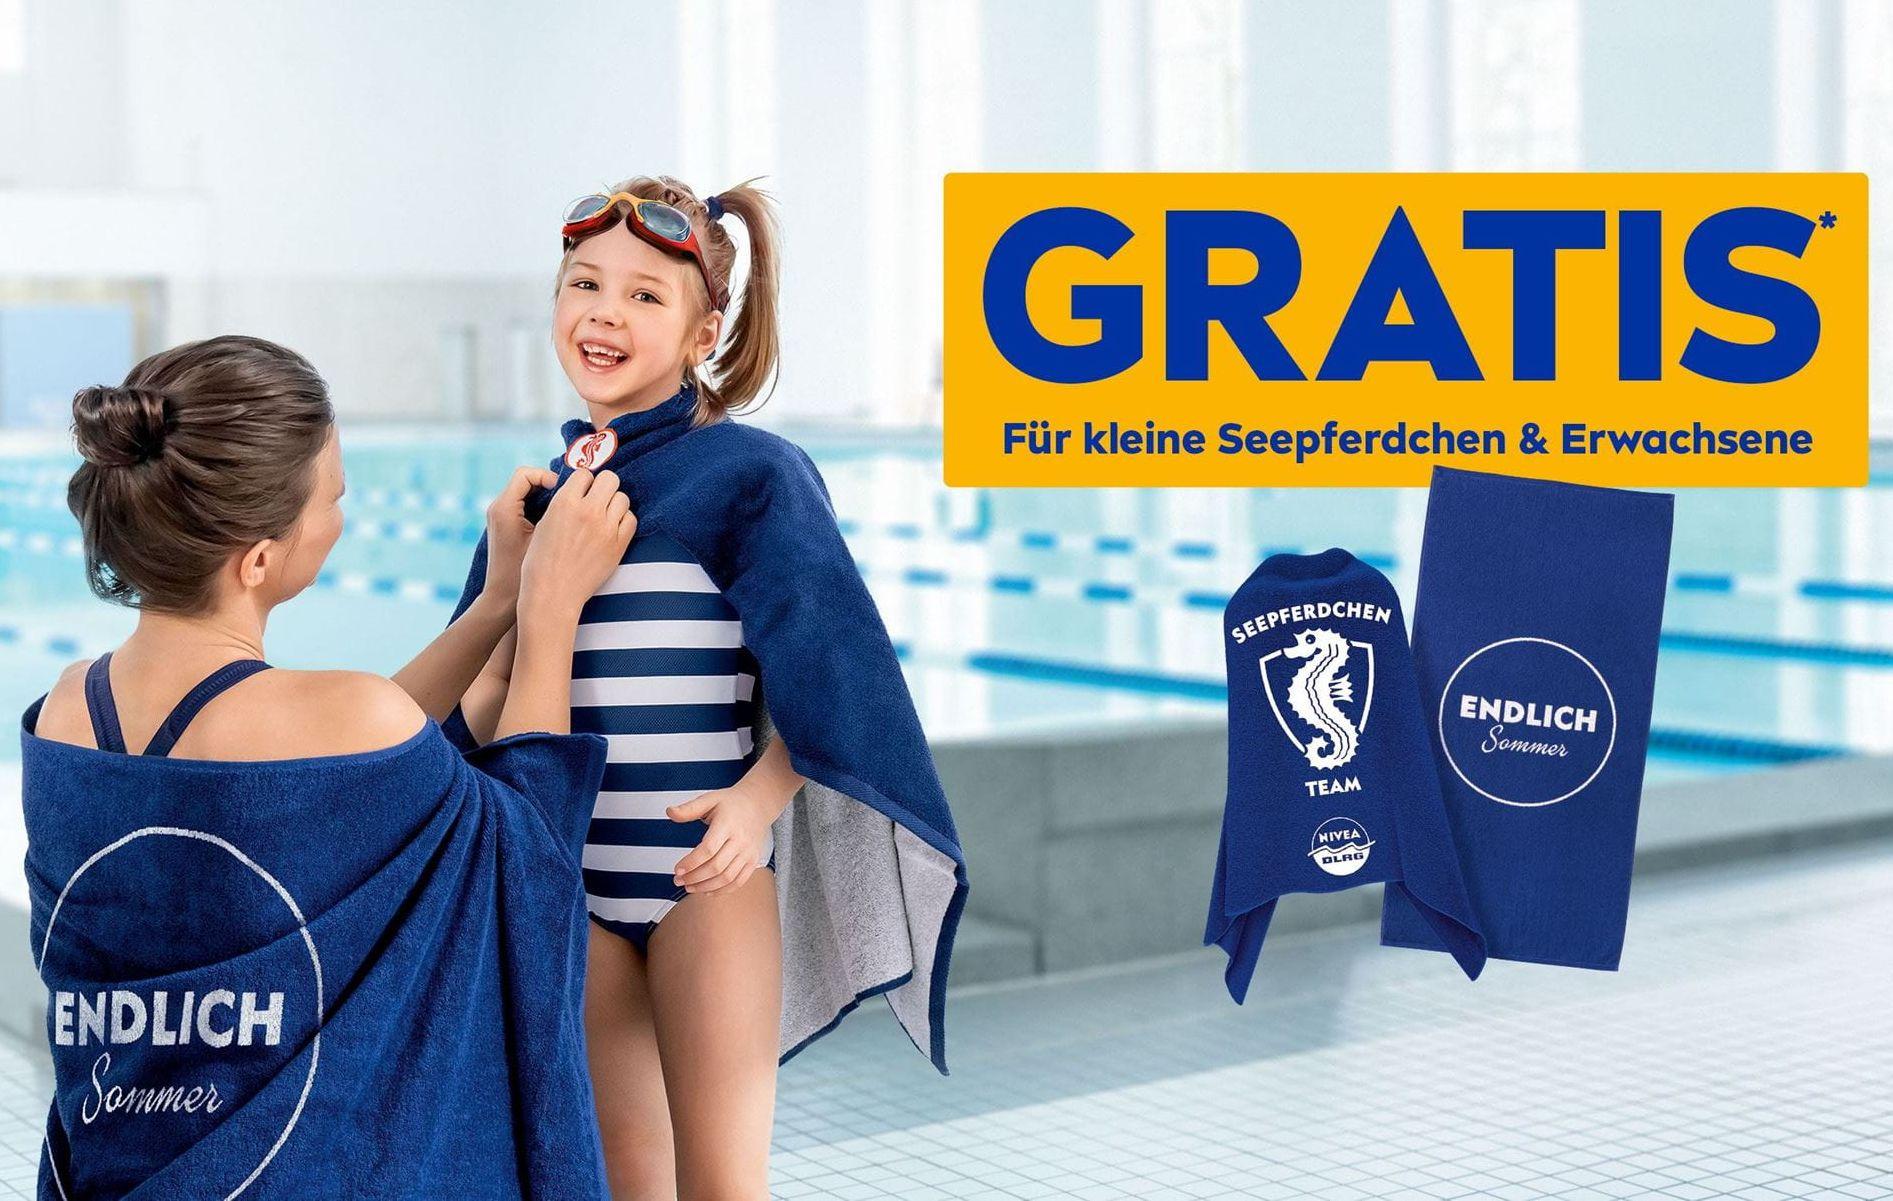 Nivea: Gratis Badetuch beim Kauf von Produkten für mind. €9 (vom 5.7. - 1.8.2021)